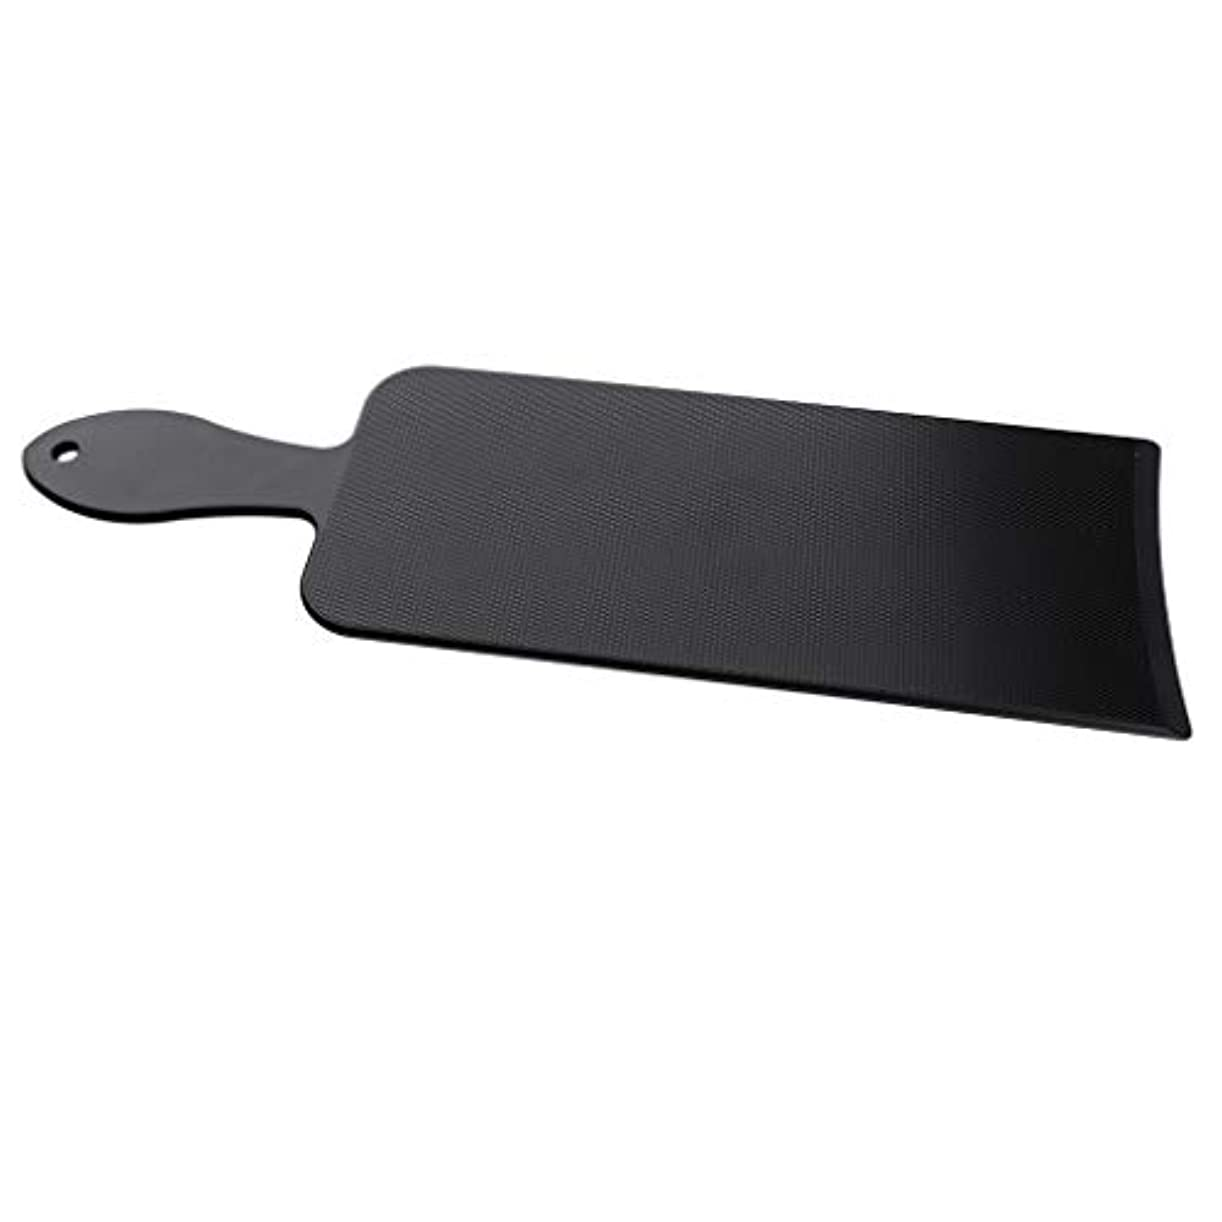 メディア退院ゴミヘアーサロン ヘアカラー プレート ブラック板 3サイズ選べ - L